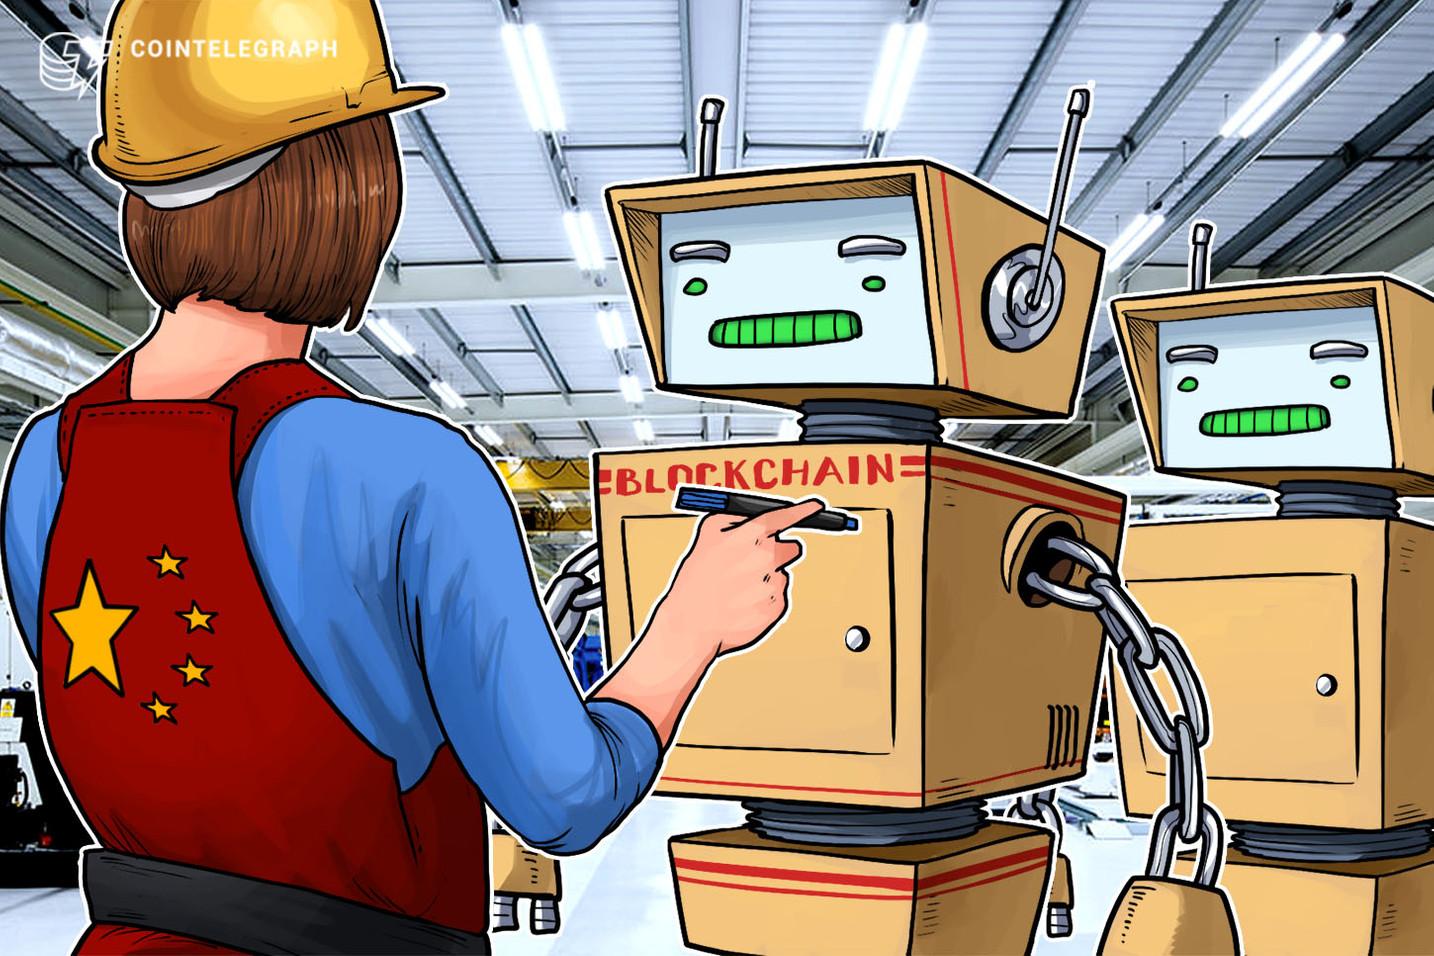 Weltweit viertgrößte Börse sieht Blockchain-Nutzung innerhalb von Wertpapierhandel